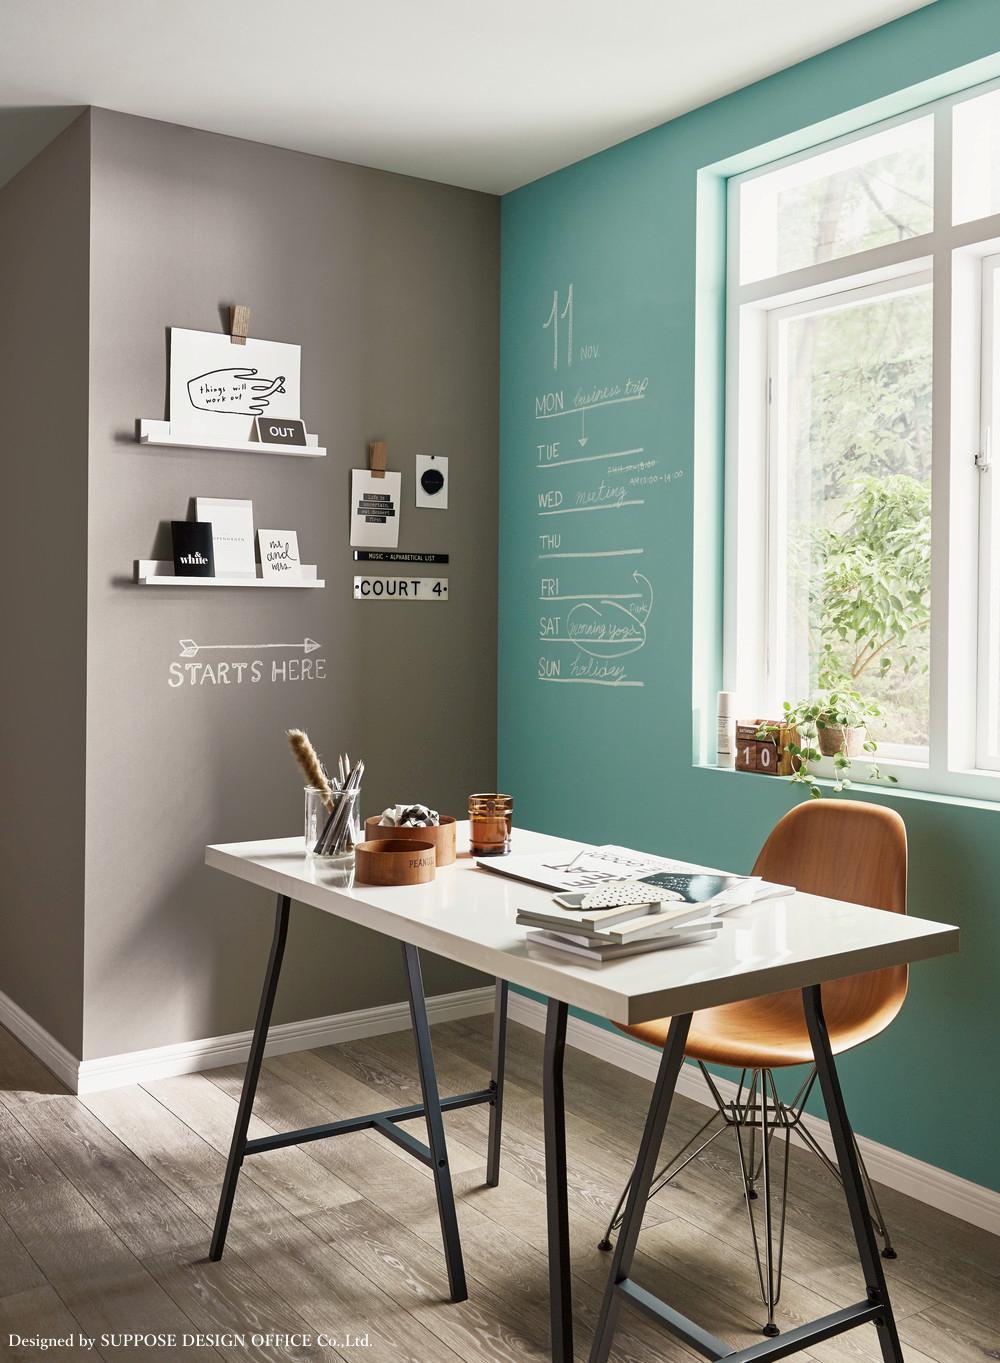 3ページ目 おしゃれな空間に変身 部屋の壁をデザインできる